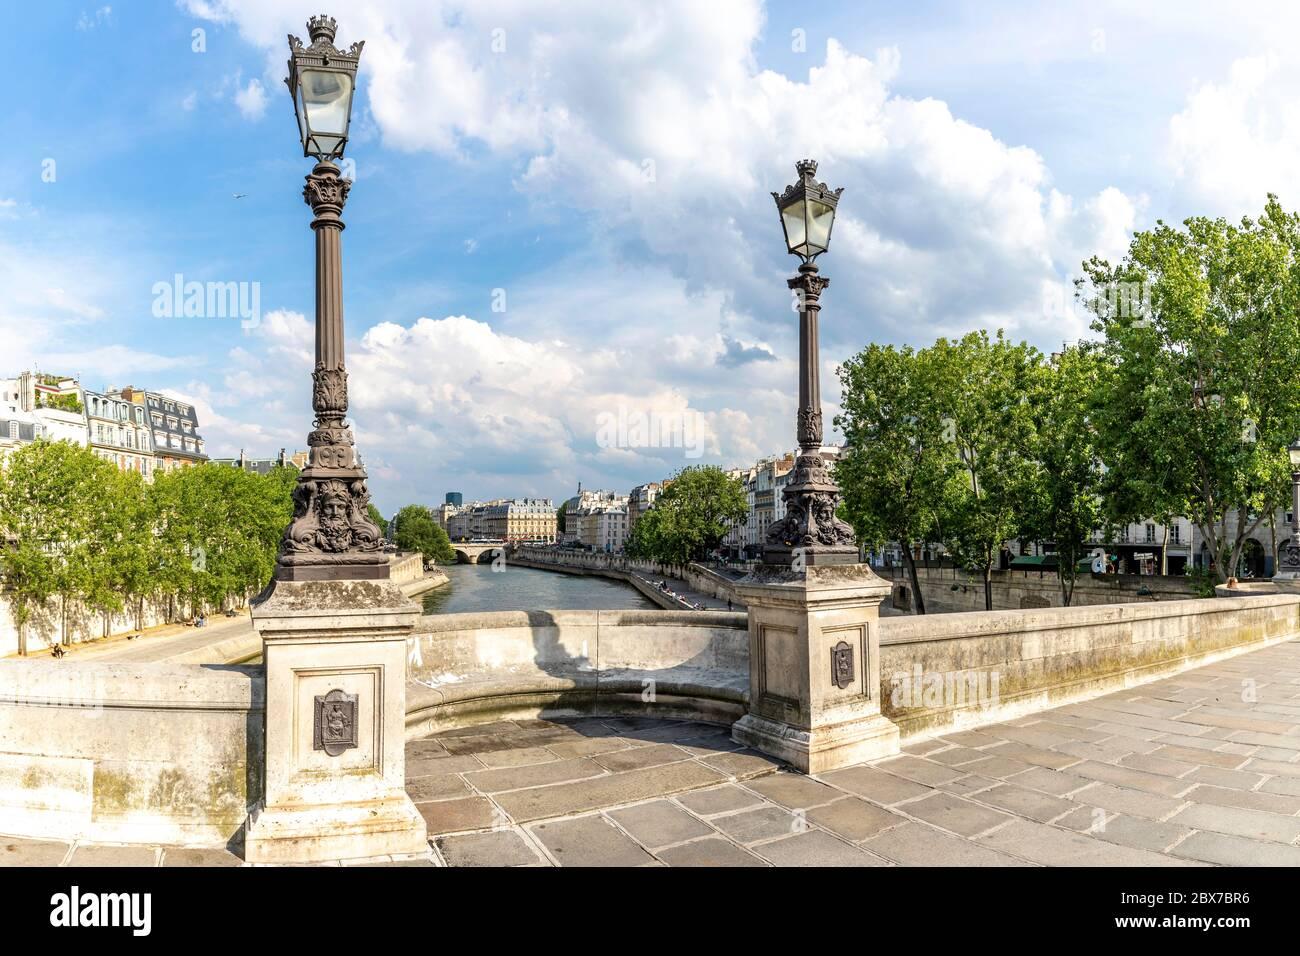 Paris, France - 3 juin 2020 : Paris paysage urbain. Vue depuis le célèbre Pont neuf avec lampadaire traditionnel. France. Banque D'Images